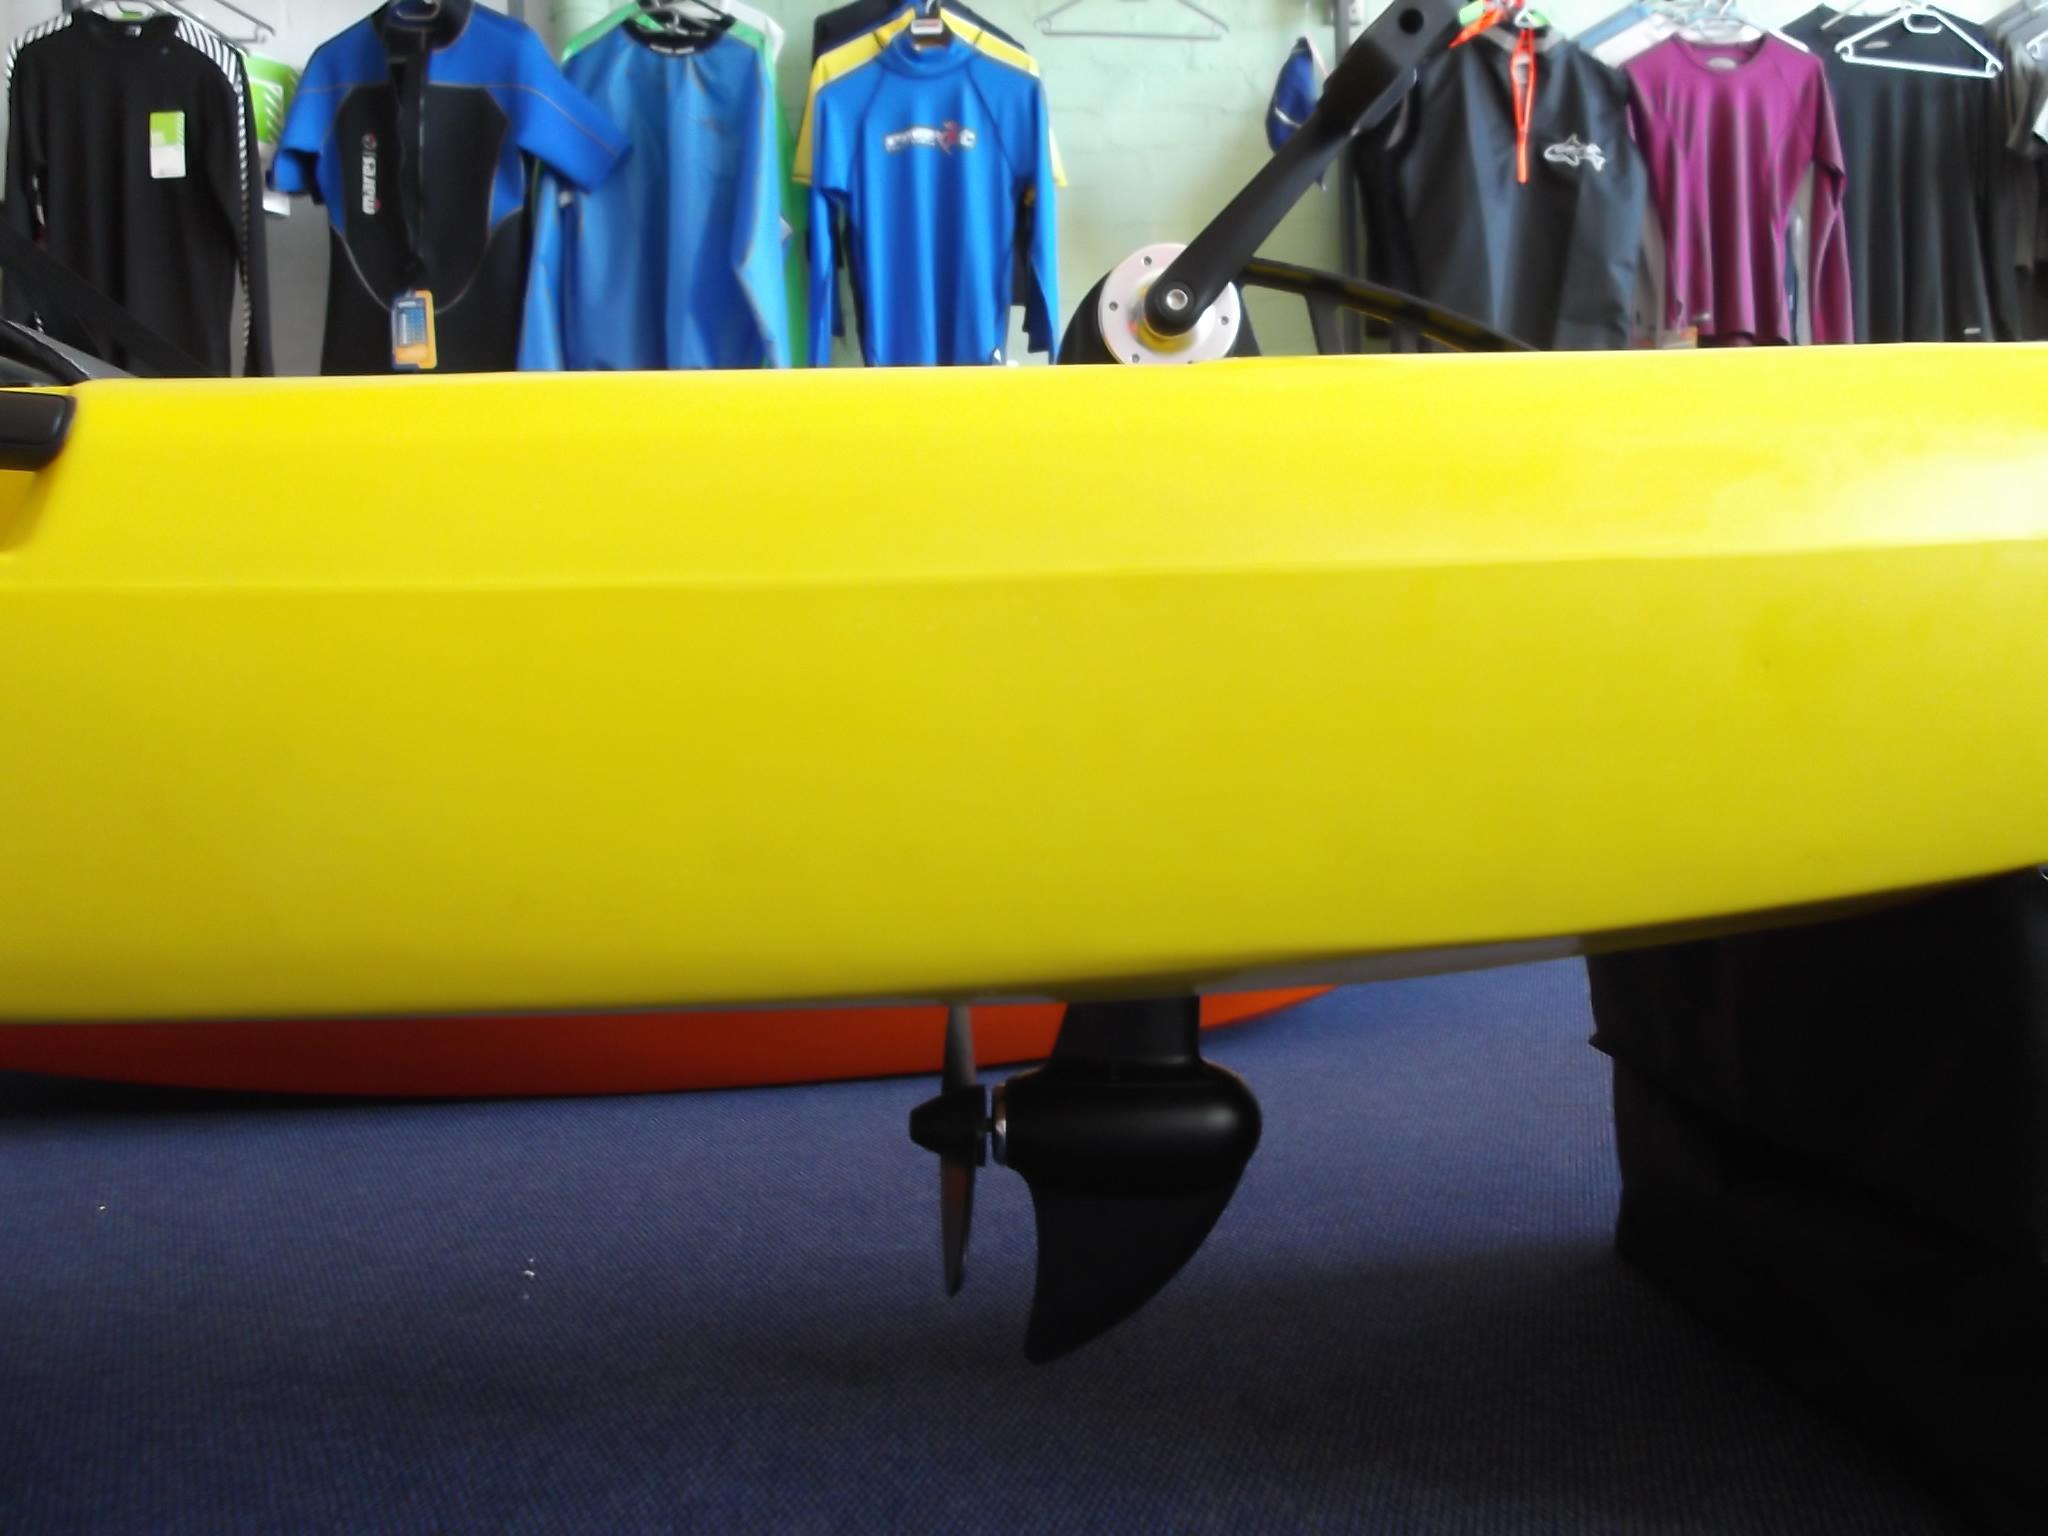 Oe Peddle Boat Brians